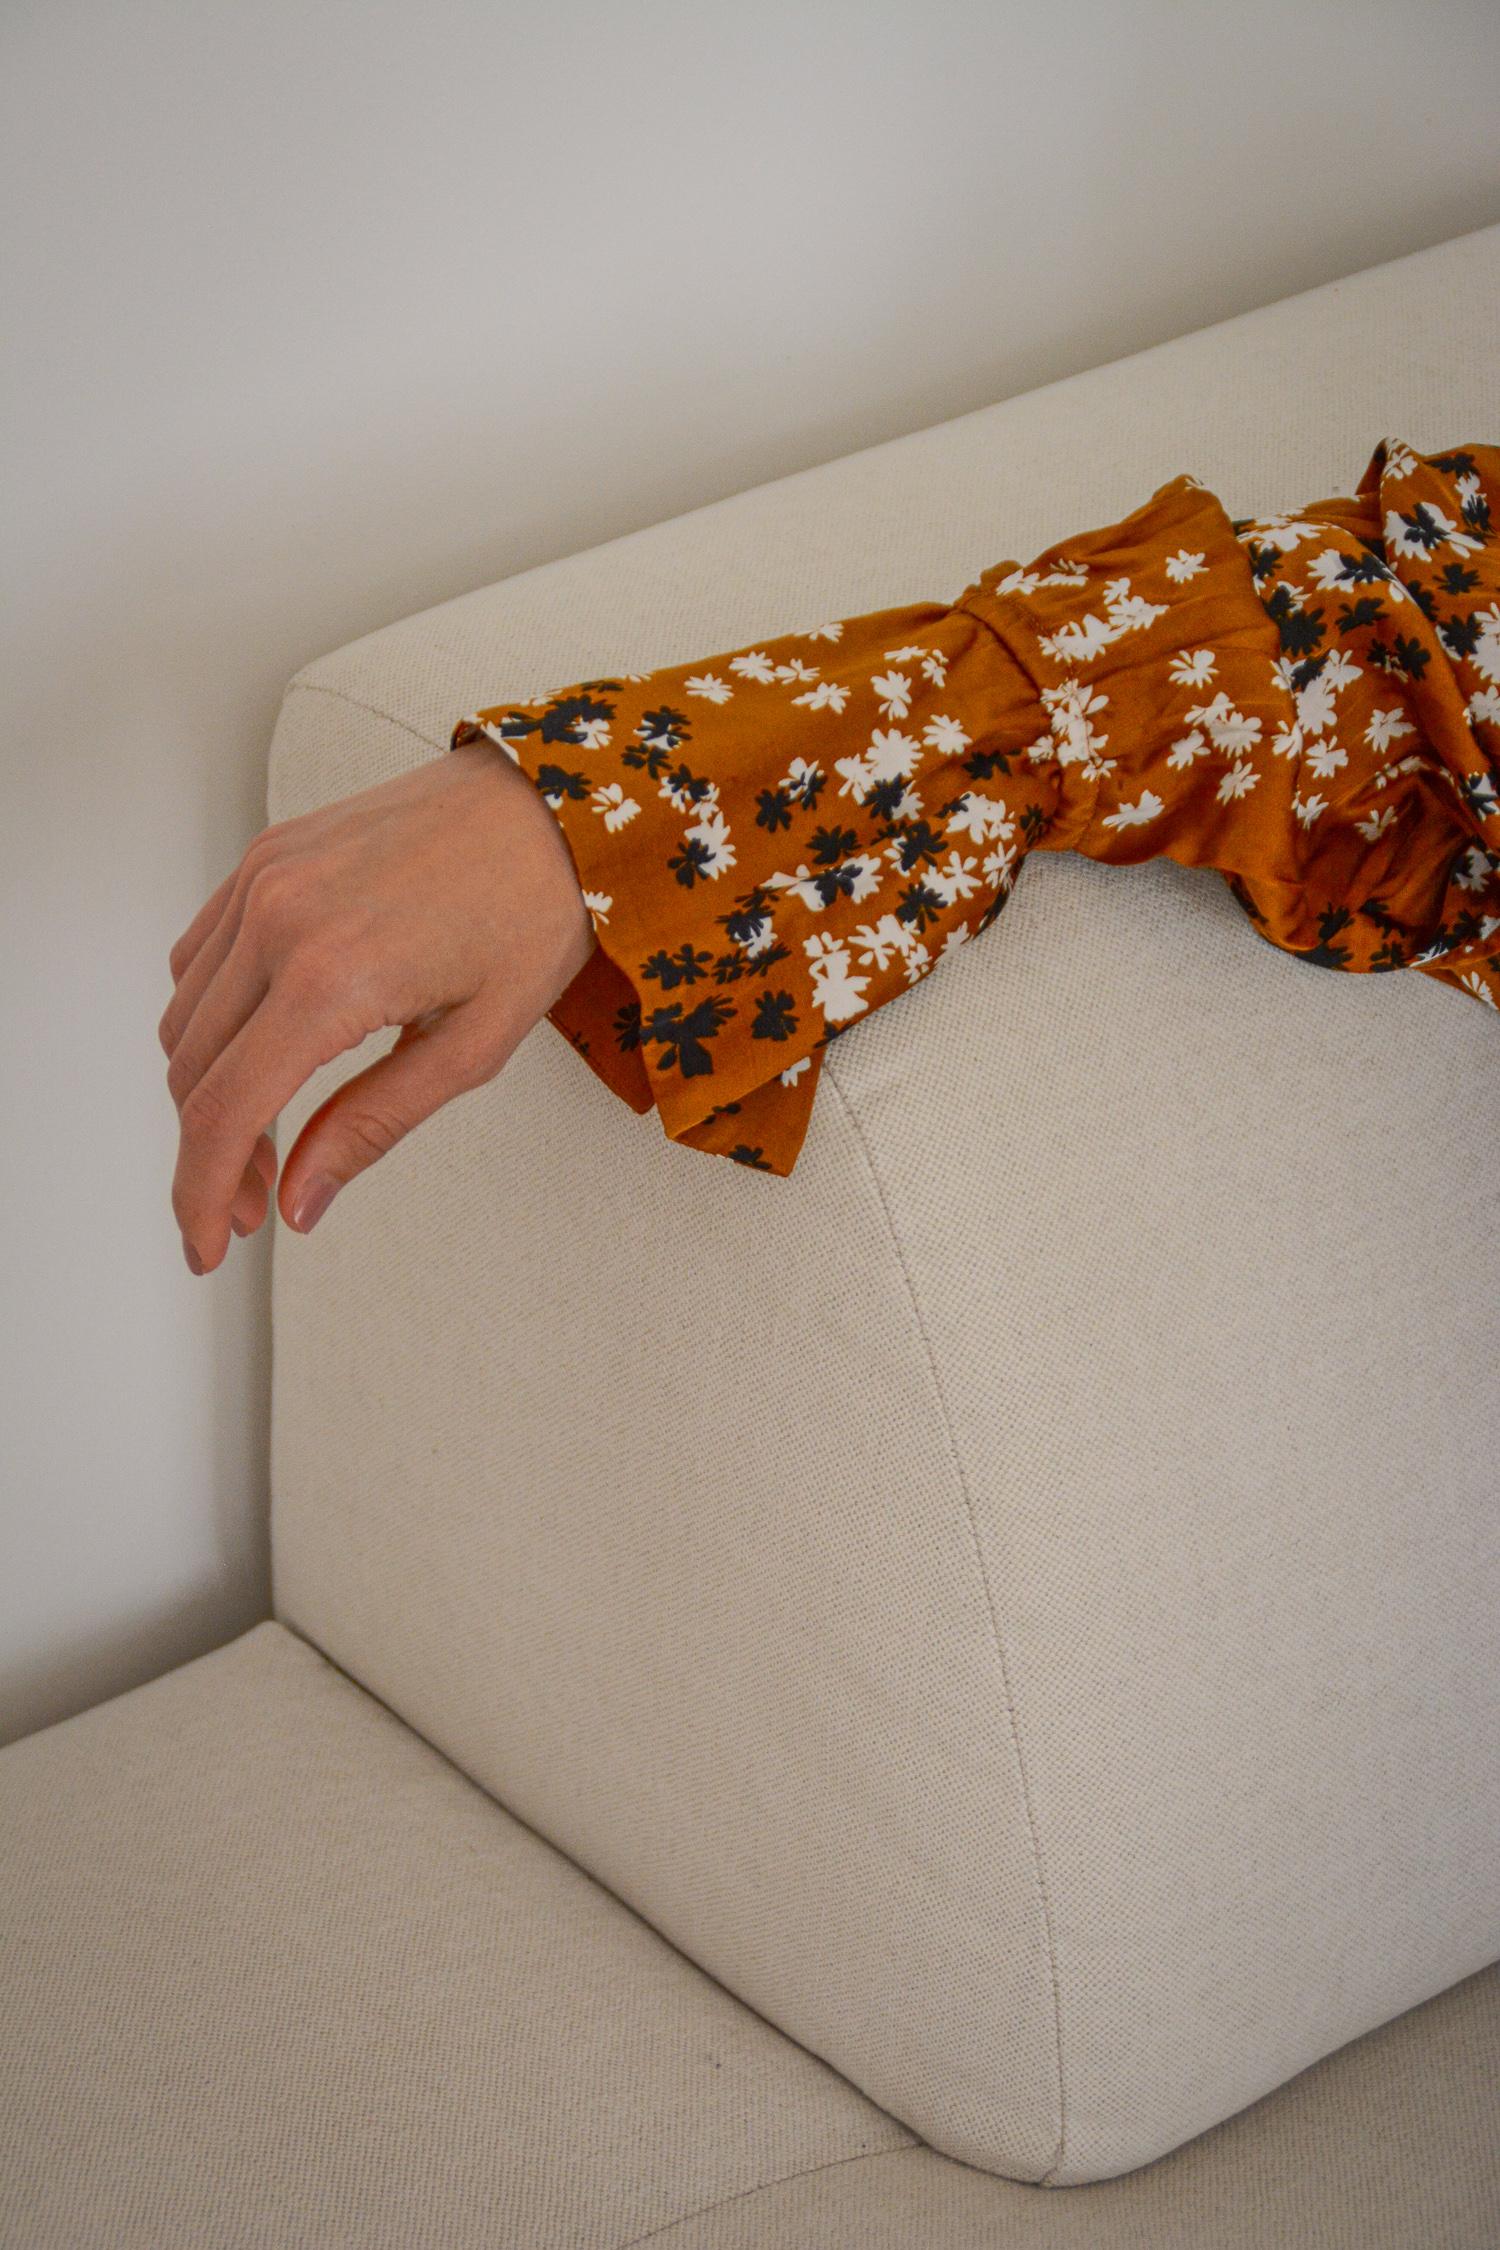 gemütliches Ecksofa fürs Wohnzimmer - www.lesfactoryfemmes.com